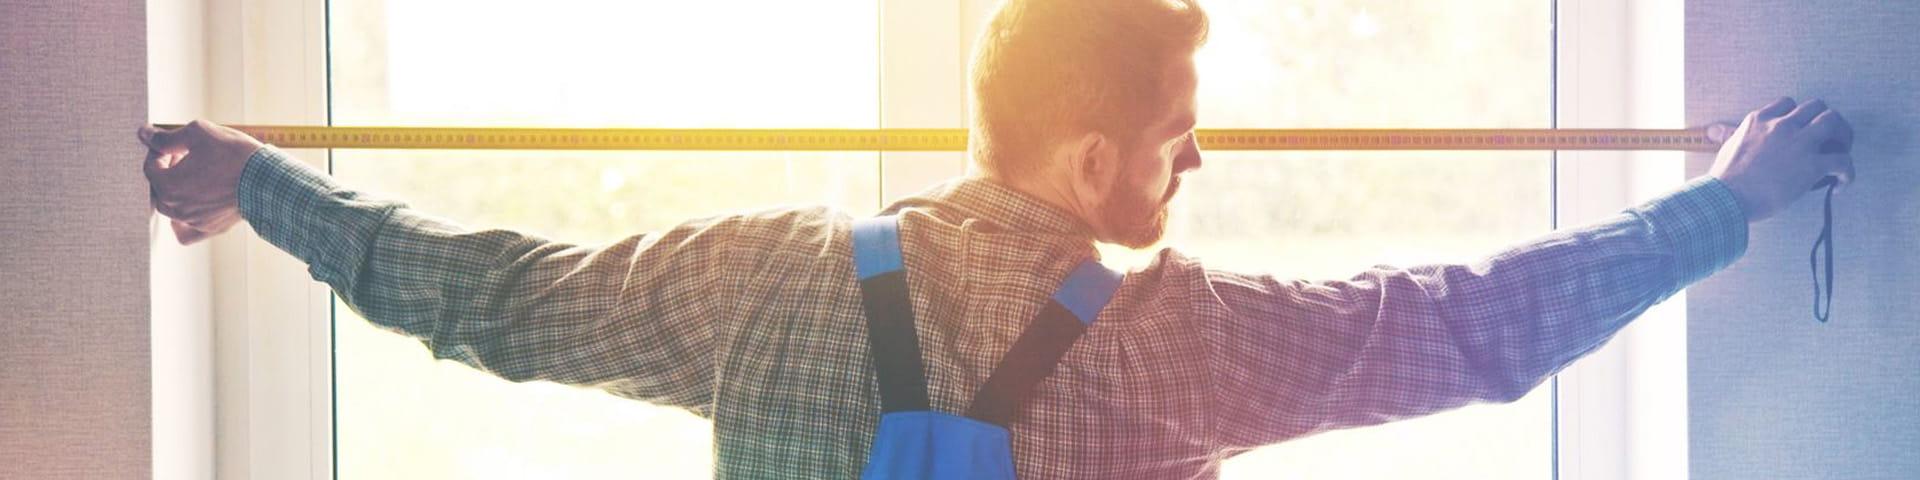 agrandar una ventana de casa Aprende Cmo Medir Tus Ventanas Correctamente En Caso De Reforma